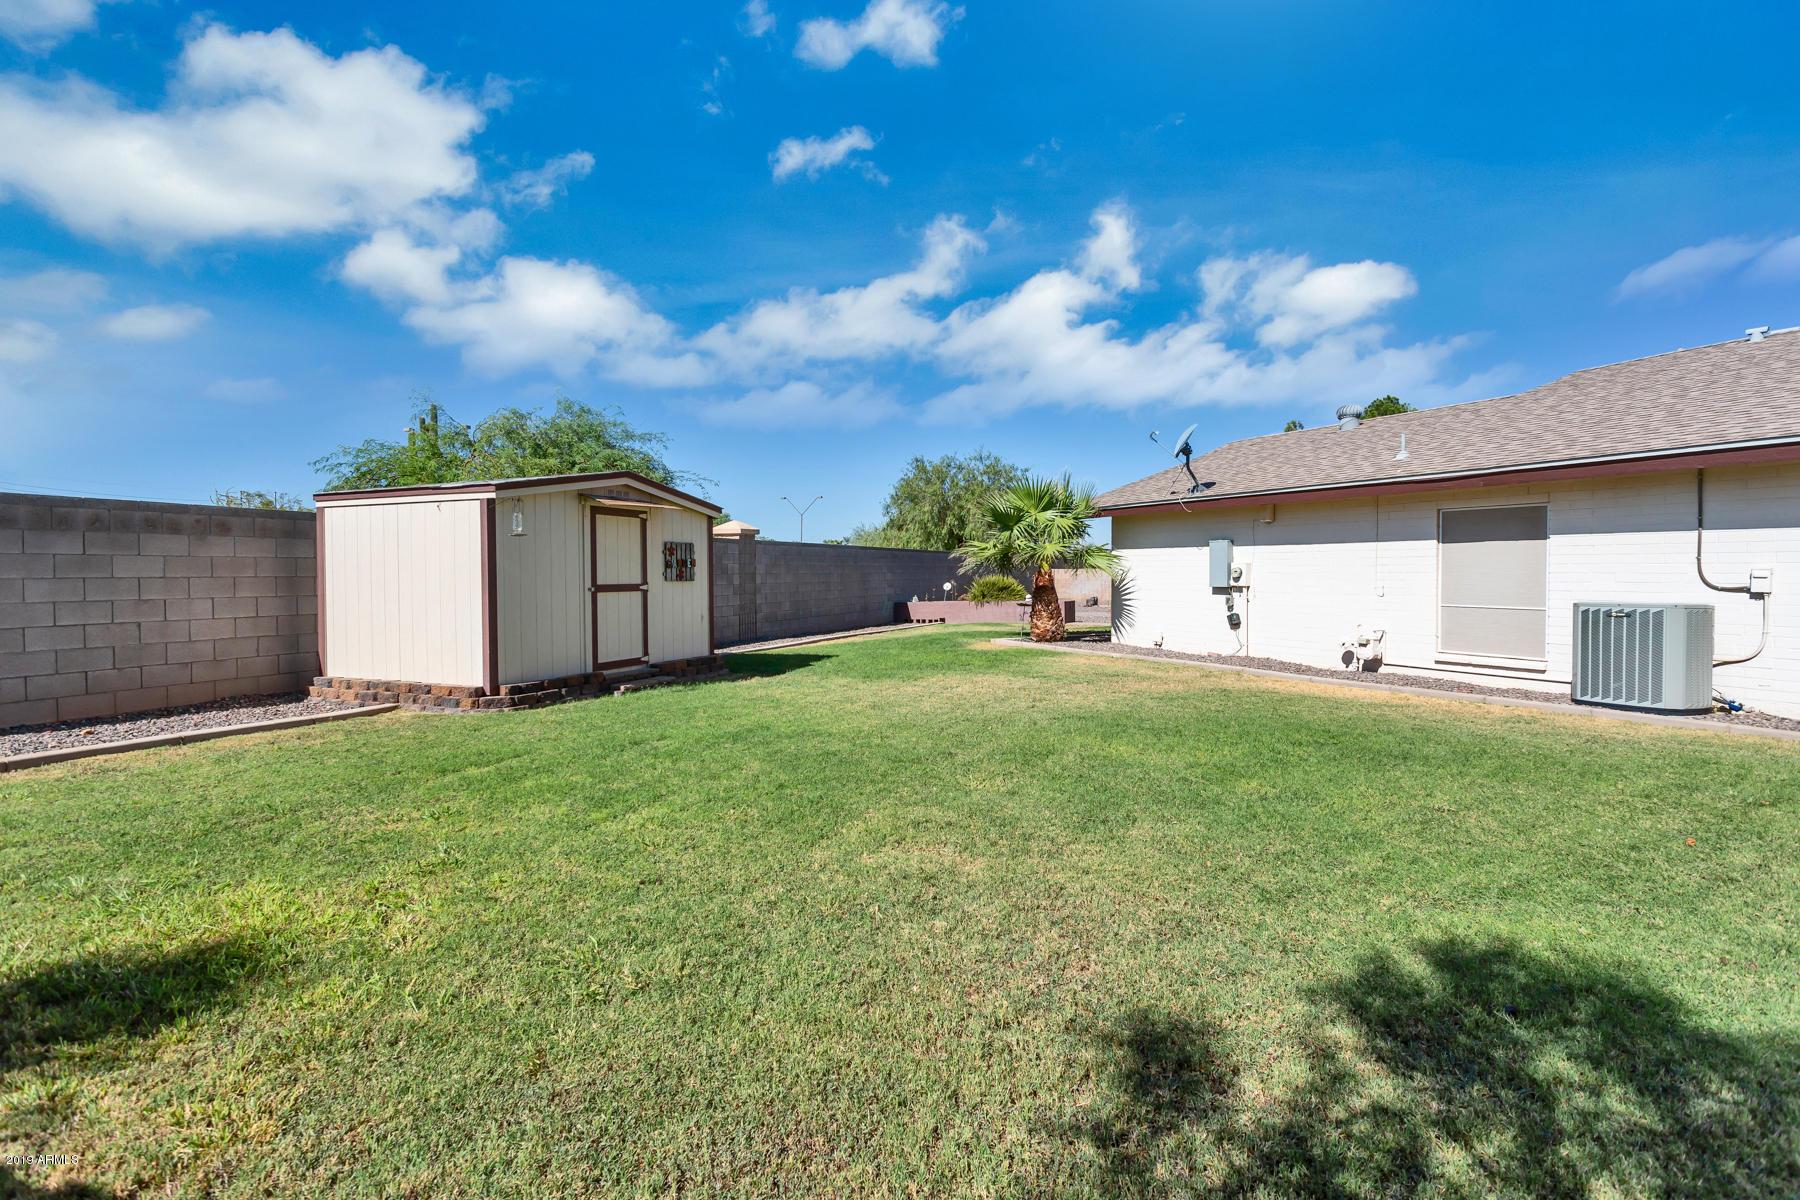 MLS 5958728 356 S MORENO Circle, Litchfield Park, AZ 85340 Litchfield Park AZ Four Bedroom